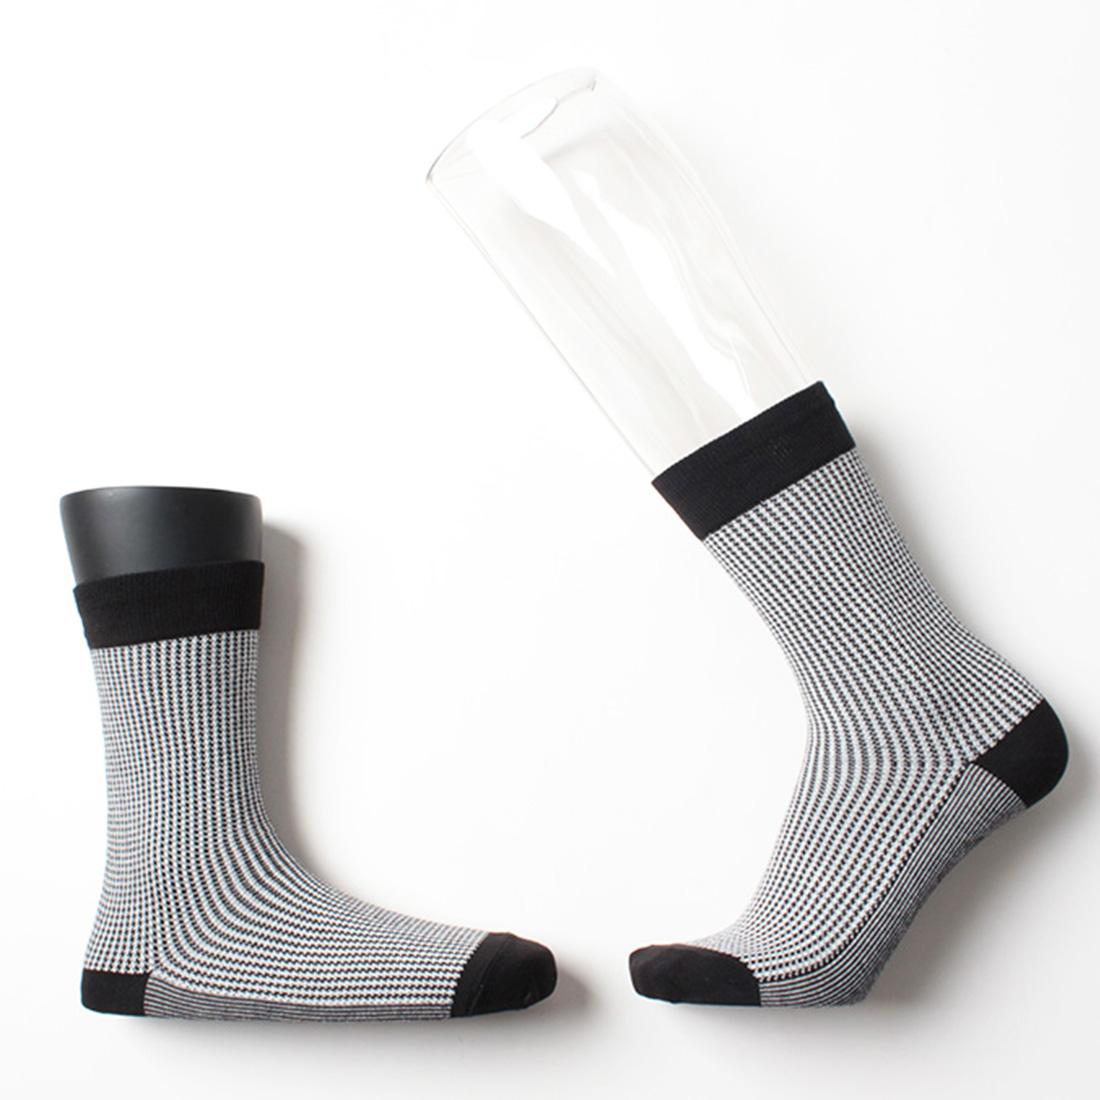 오리지널 하운드투스 블랙 / 클래식 남자 여자 패션정장 양말